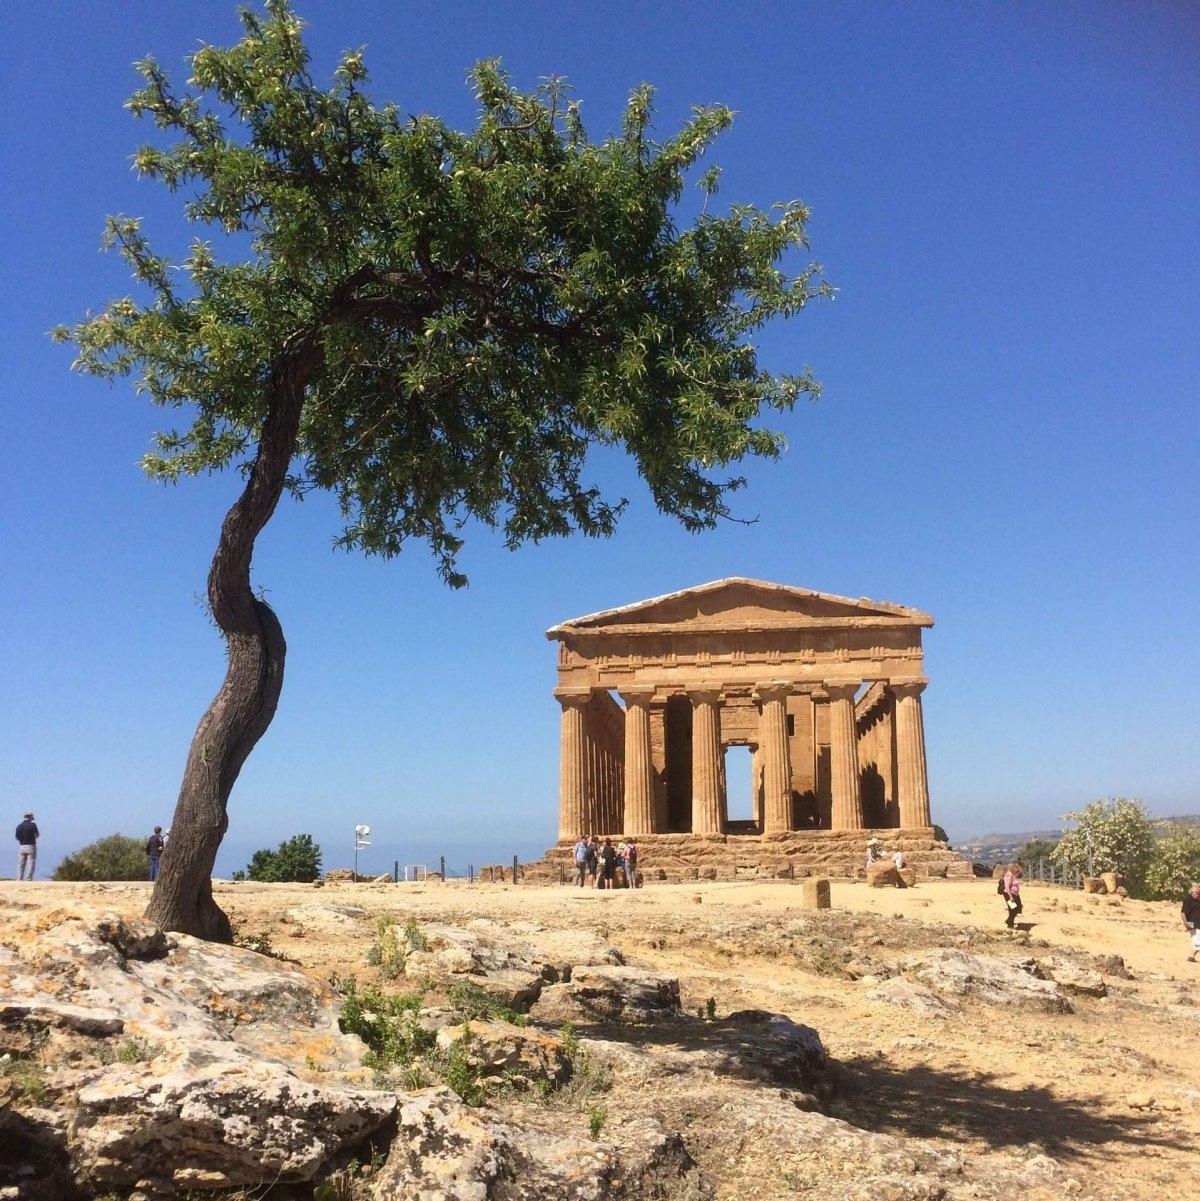 Ελληνόφωνα χωριά Σικελία ιστορία